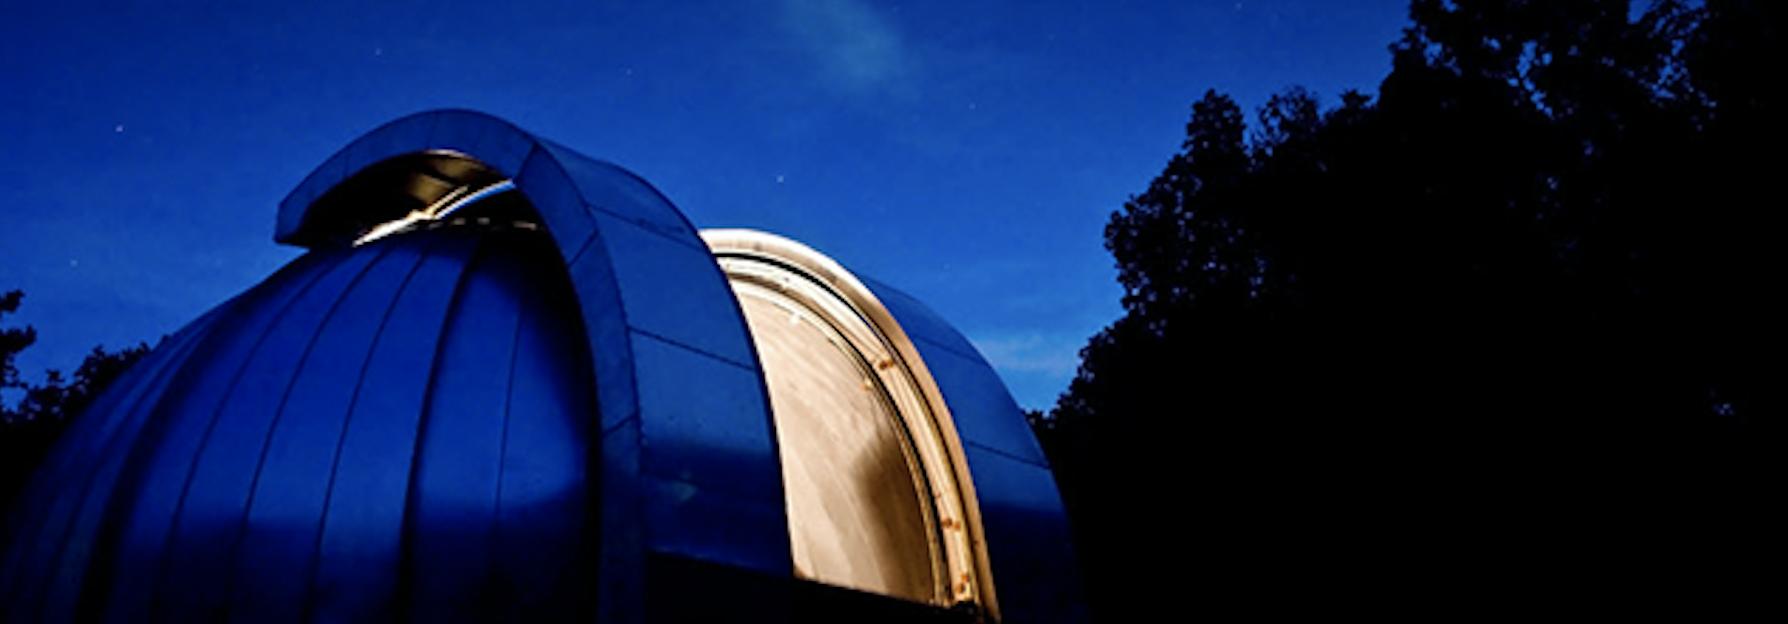 Dark Sky Observatory Night